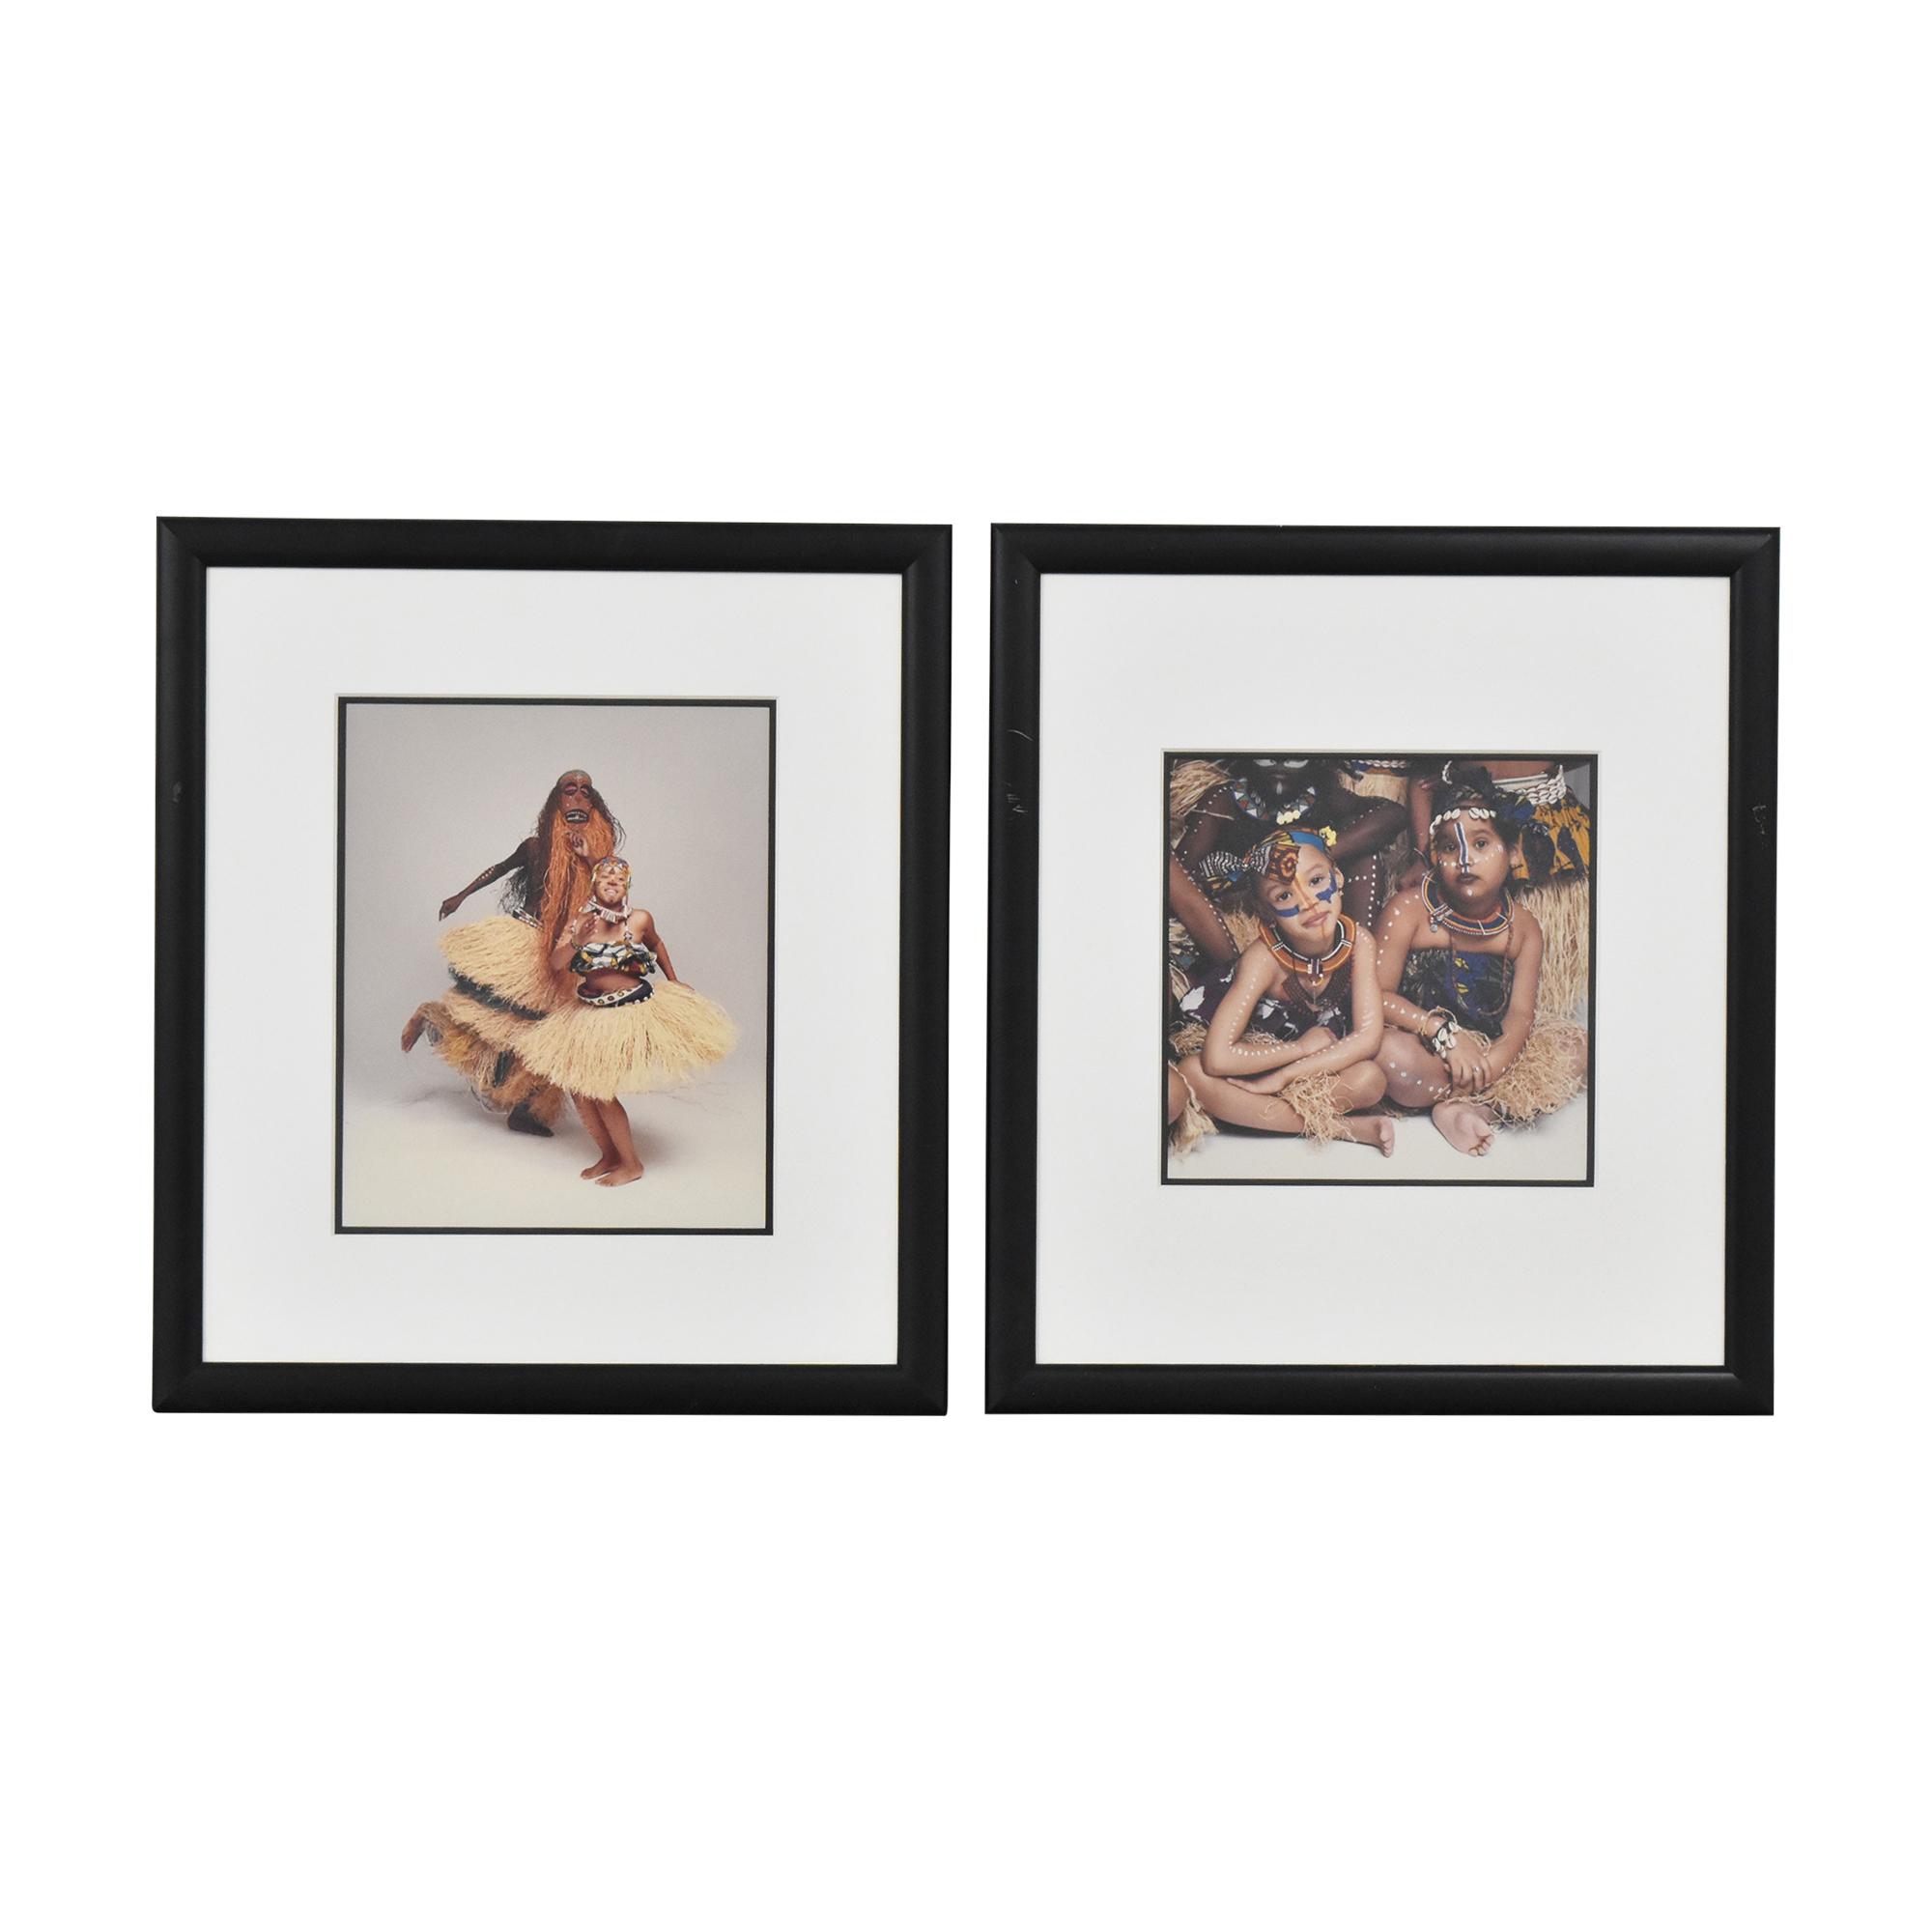 Patrick DeMarchelier Framed Wall Art on sale